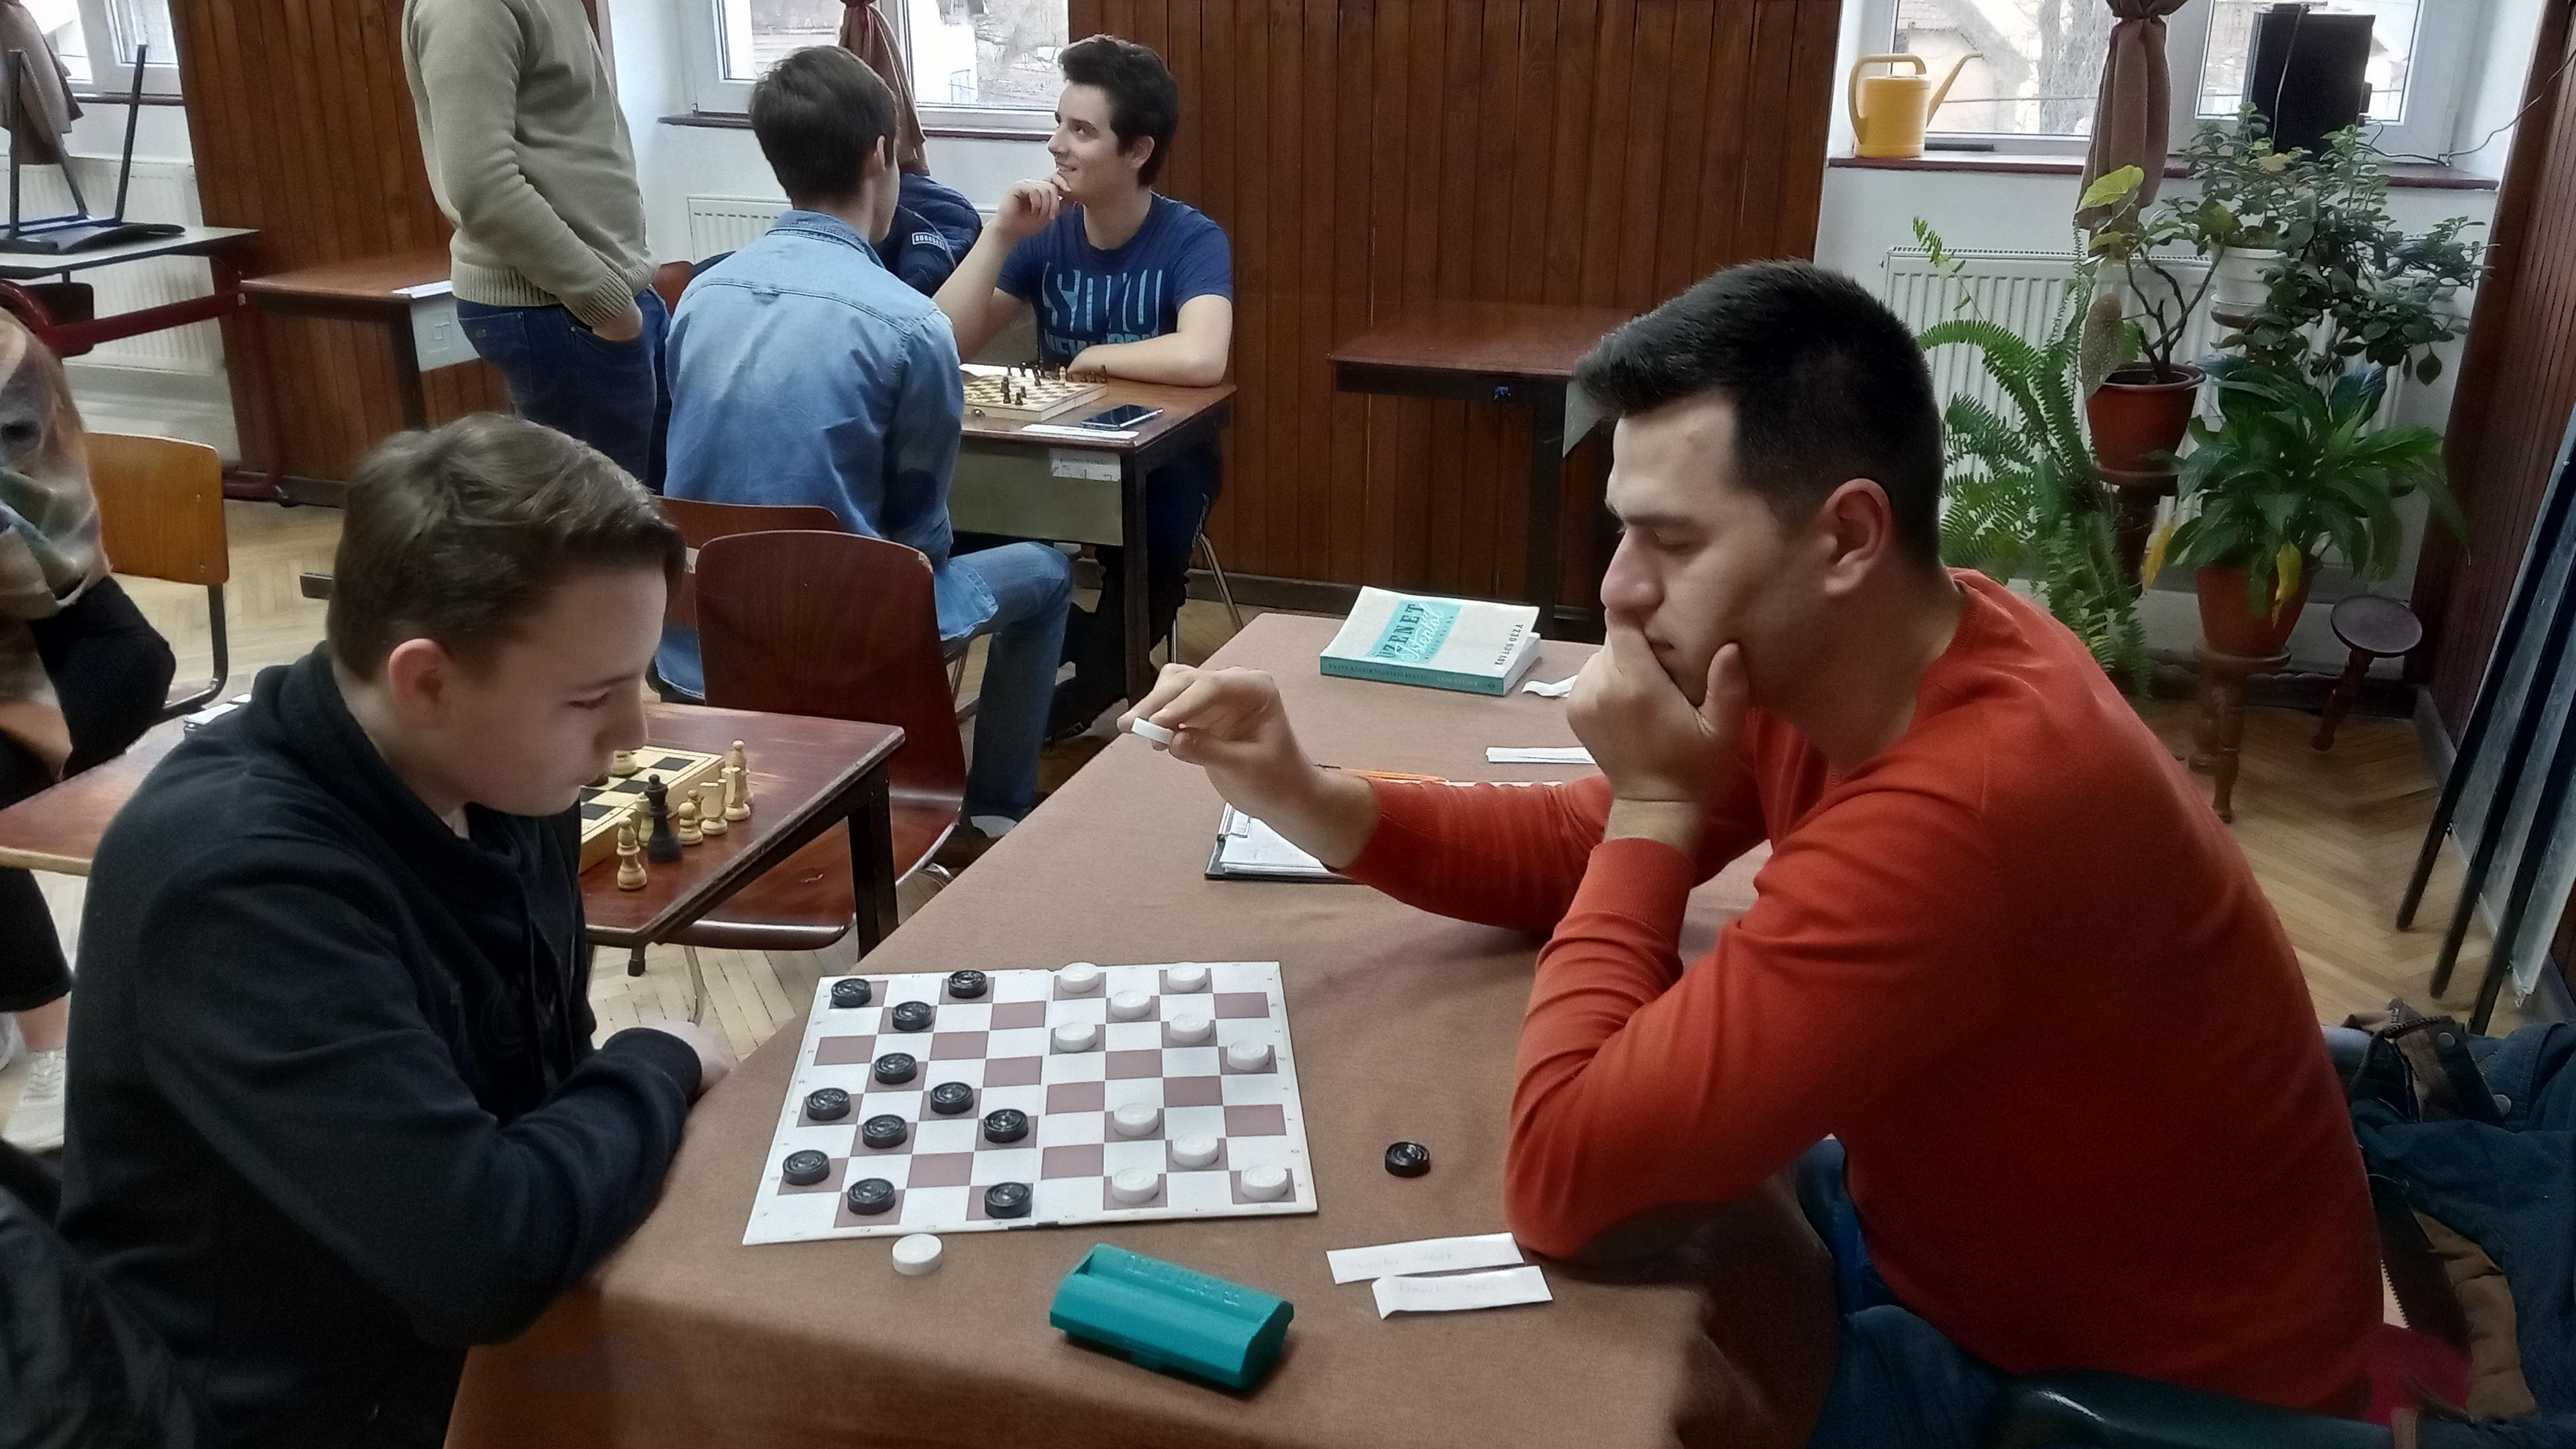 Játék, tatárok nélkül :)